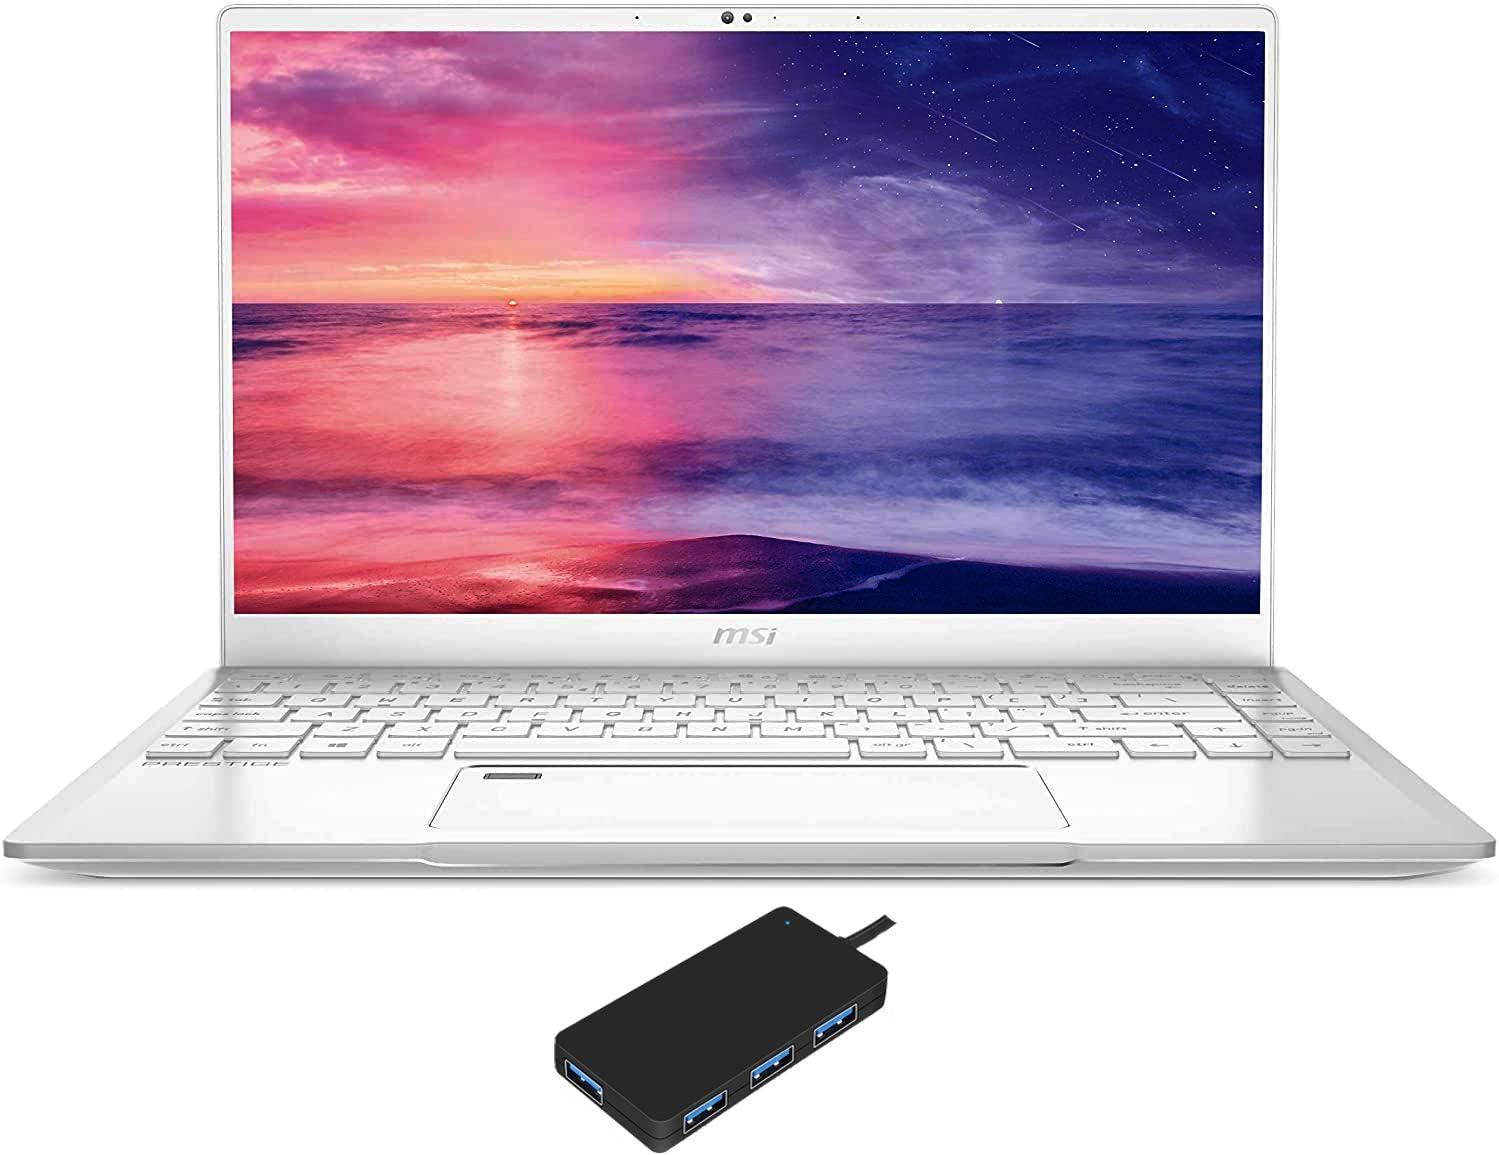 """MSI Prestige 14 A10SC-051 Gaming and Entertainment Laptop (Intel i7-10710U 6-Core, 16GB RAM, 2TB m.2 SATA SSD, NVIDIA GTX 1650 [Max-Q], 14.0"""" Full HD (1920x1080), Fingerprint, Win 10 Pro) with USB Hub"""